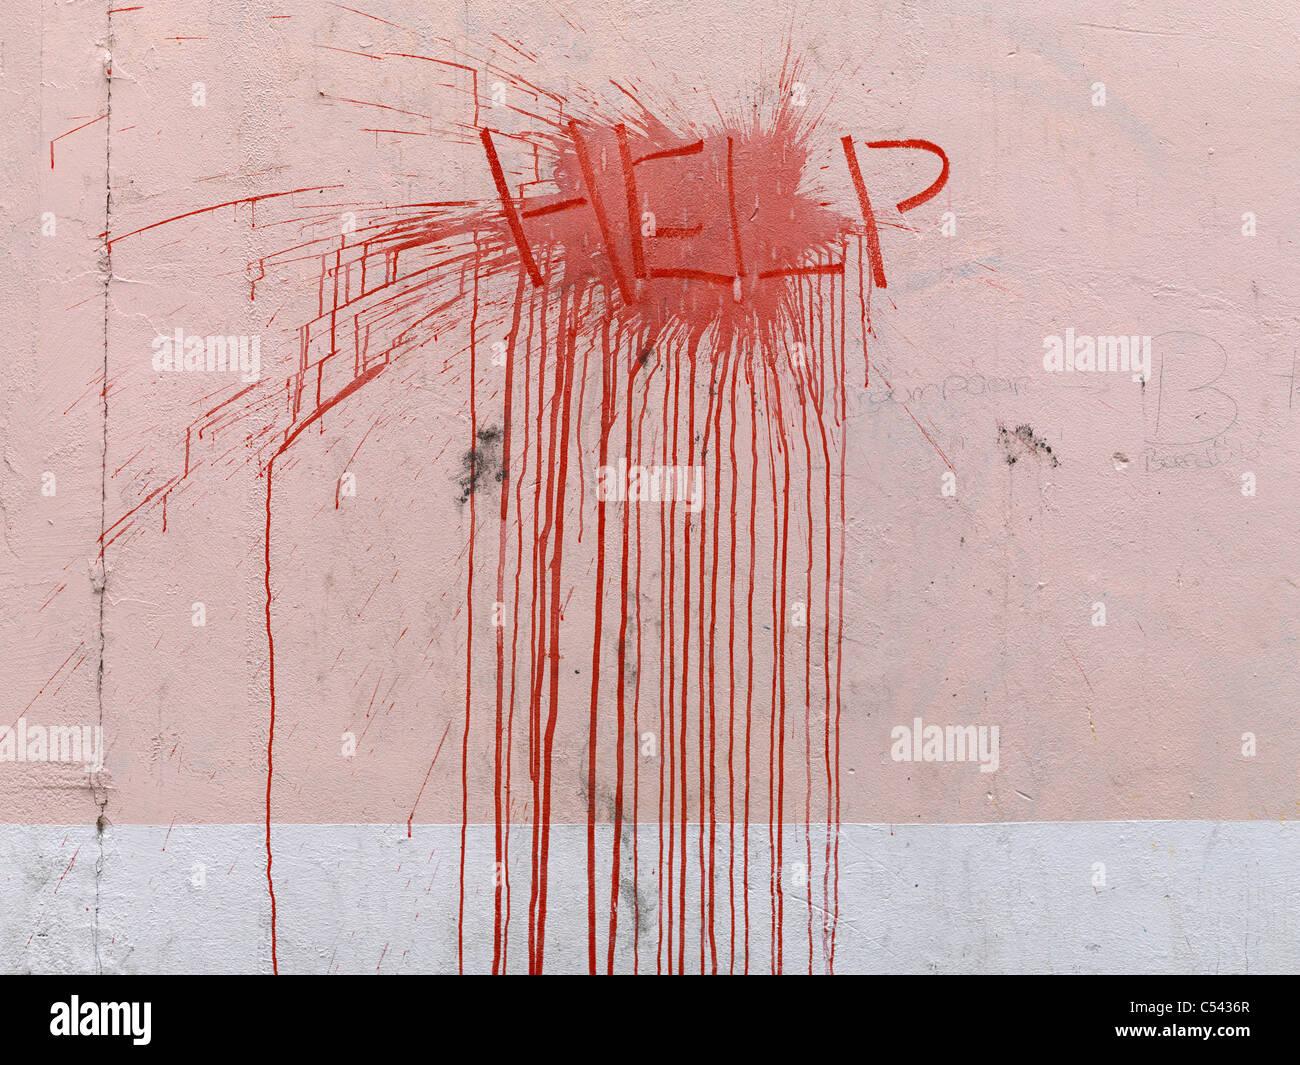 help pink wall splatter graffiti Stock Photo